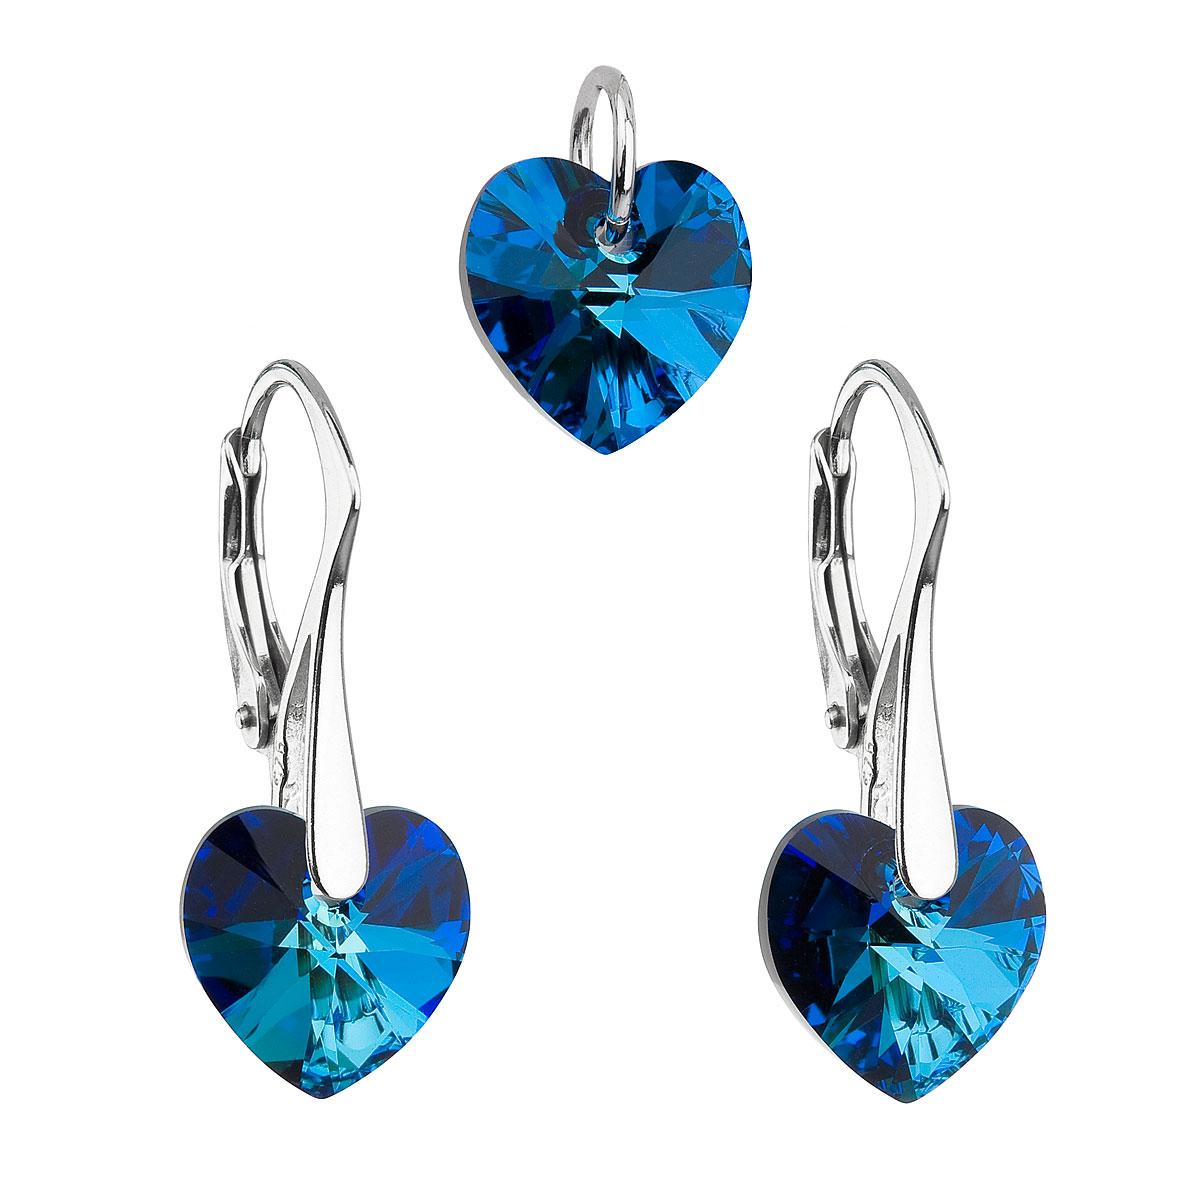 Evolution Group Sada šperků s krystaly Swarovski náušnice a přívěsek modrá srdce 39003.5 bermuda blue